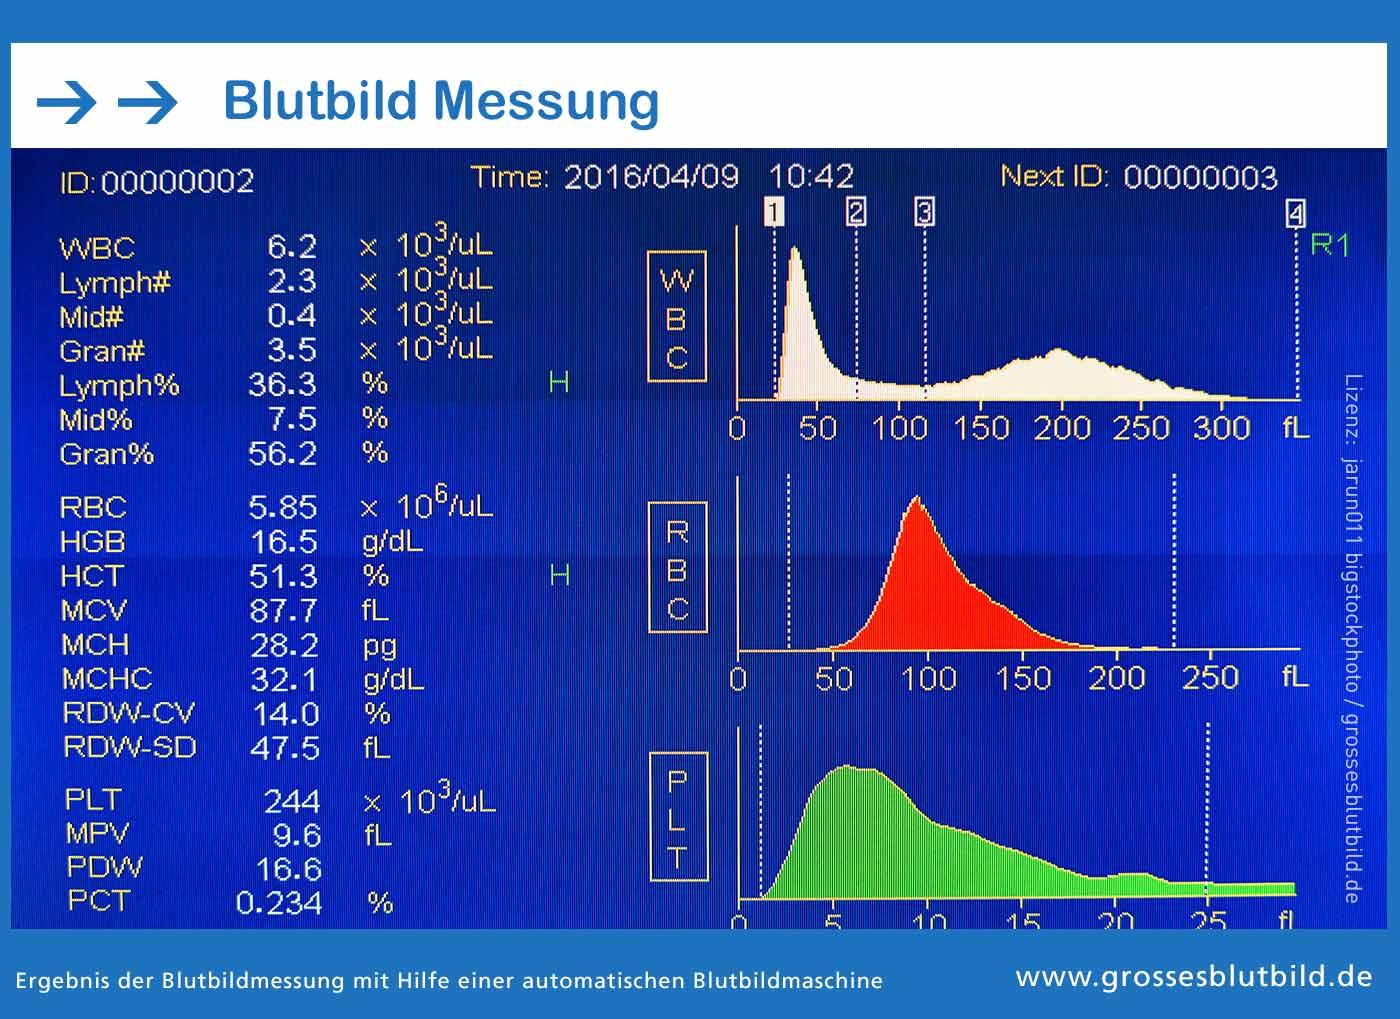 Grosses Blutbild Messung im hämatologischen Labor